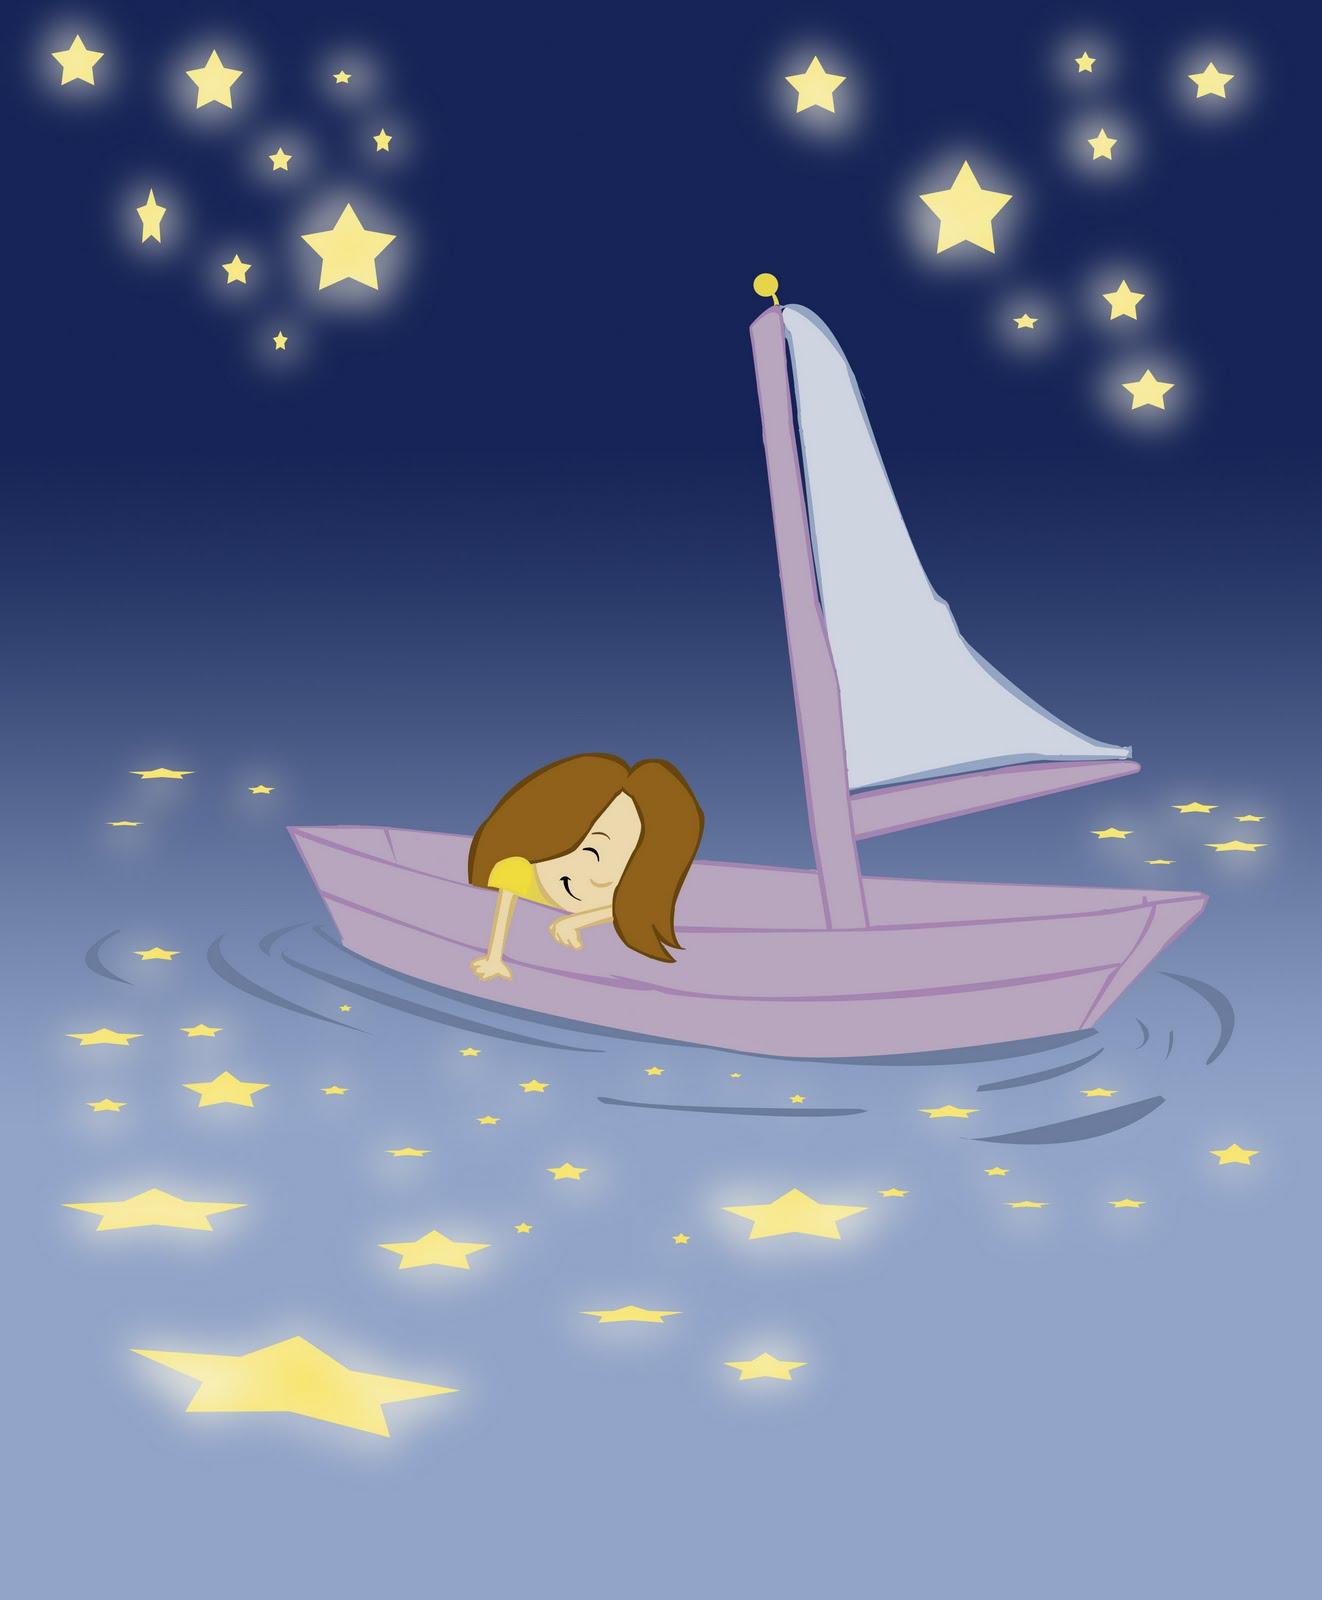 Dream boat photo